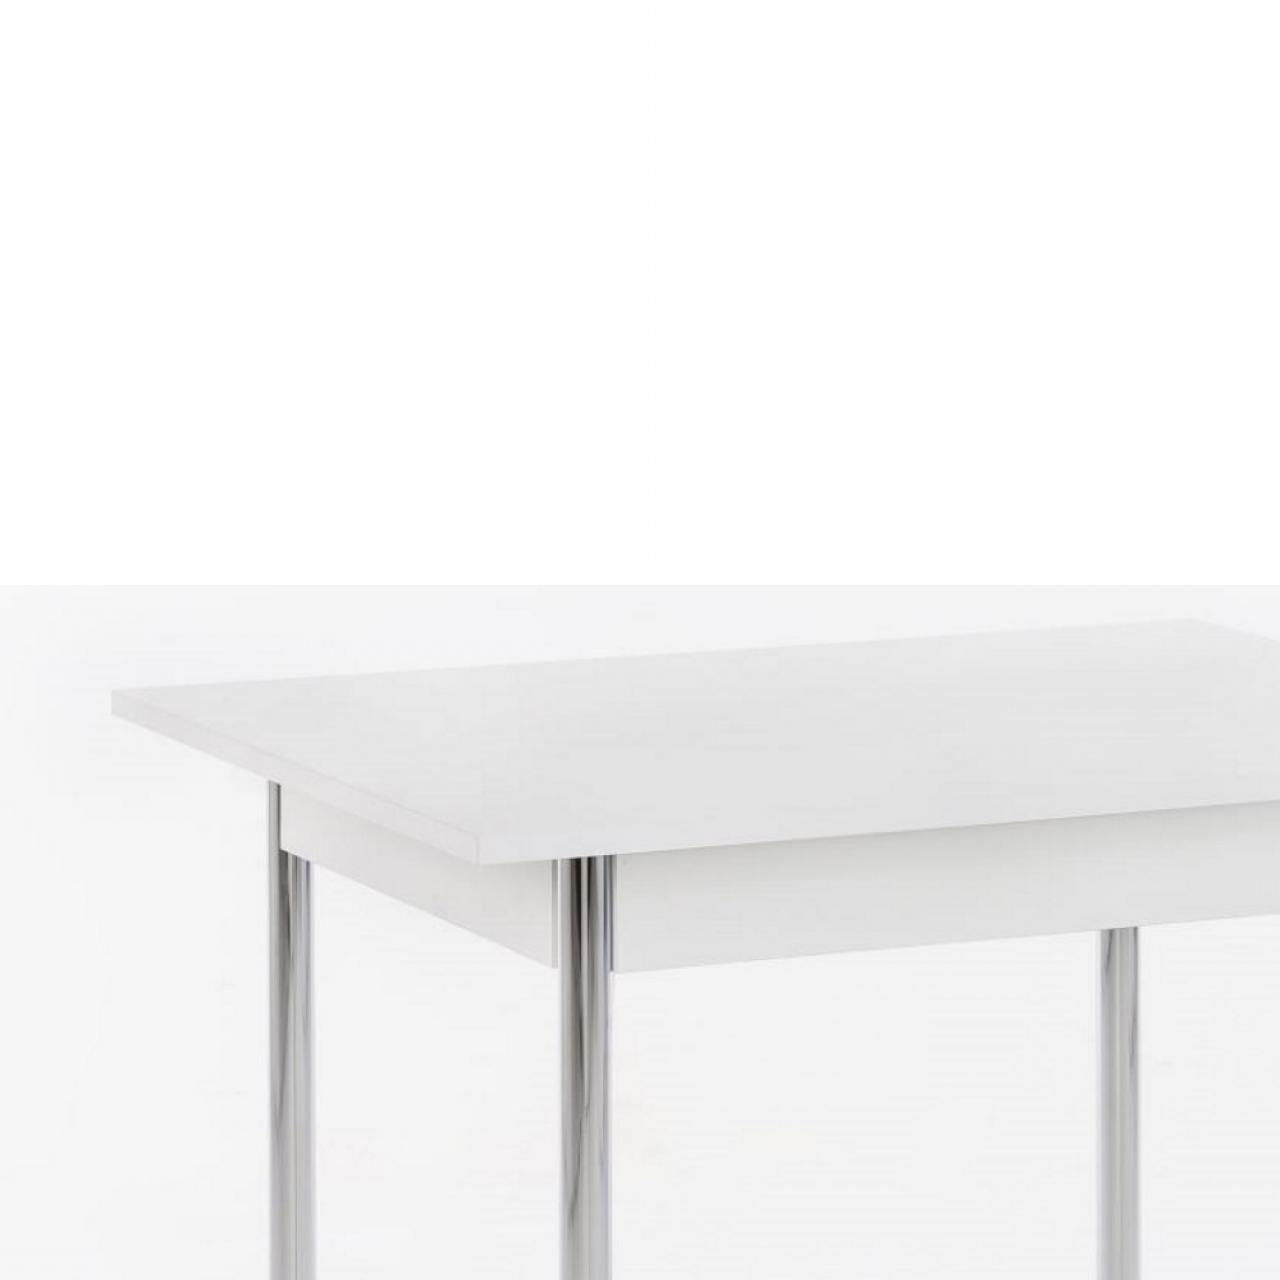 Vierfusstisch Köln II T - Weiß